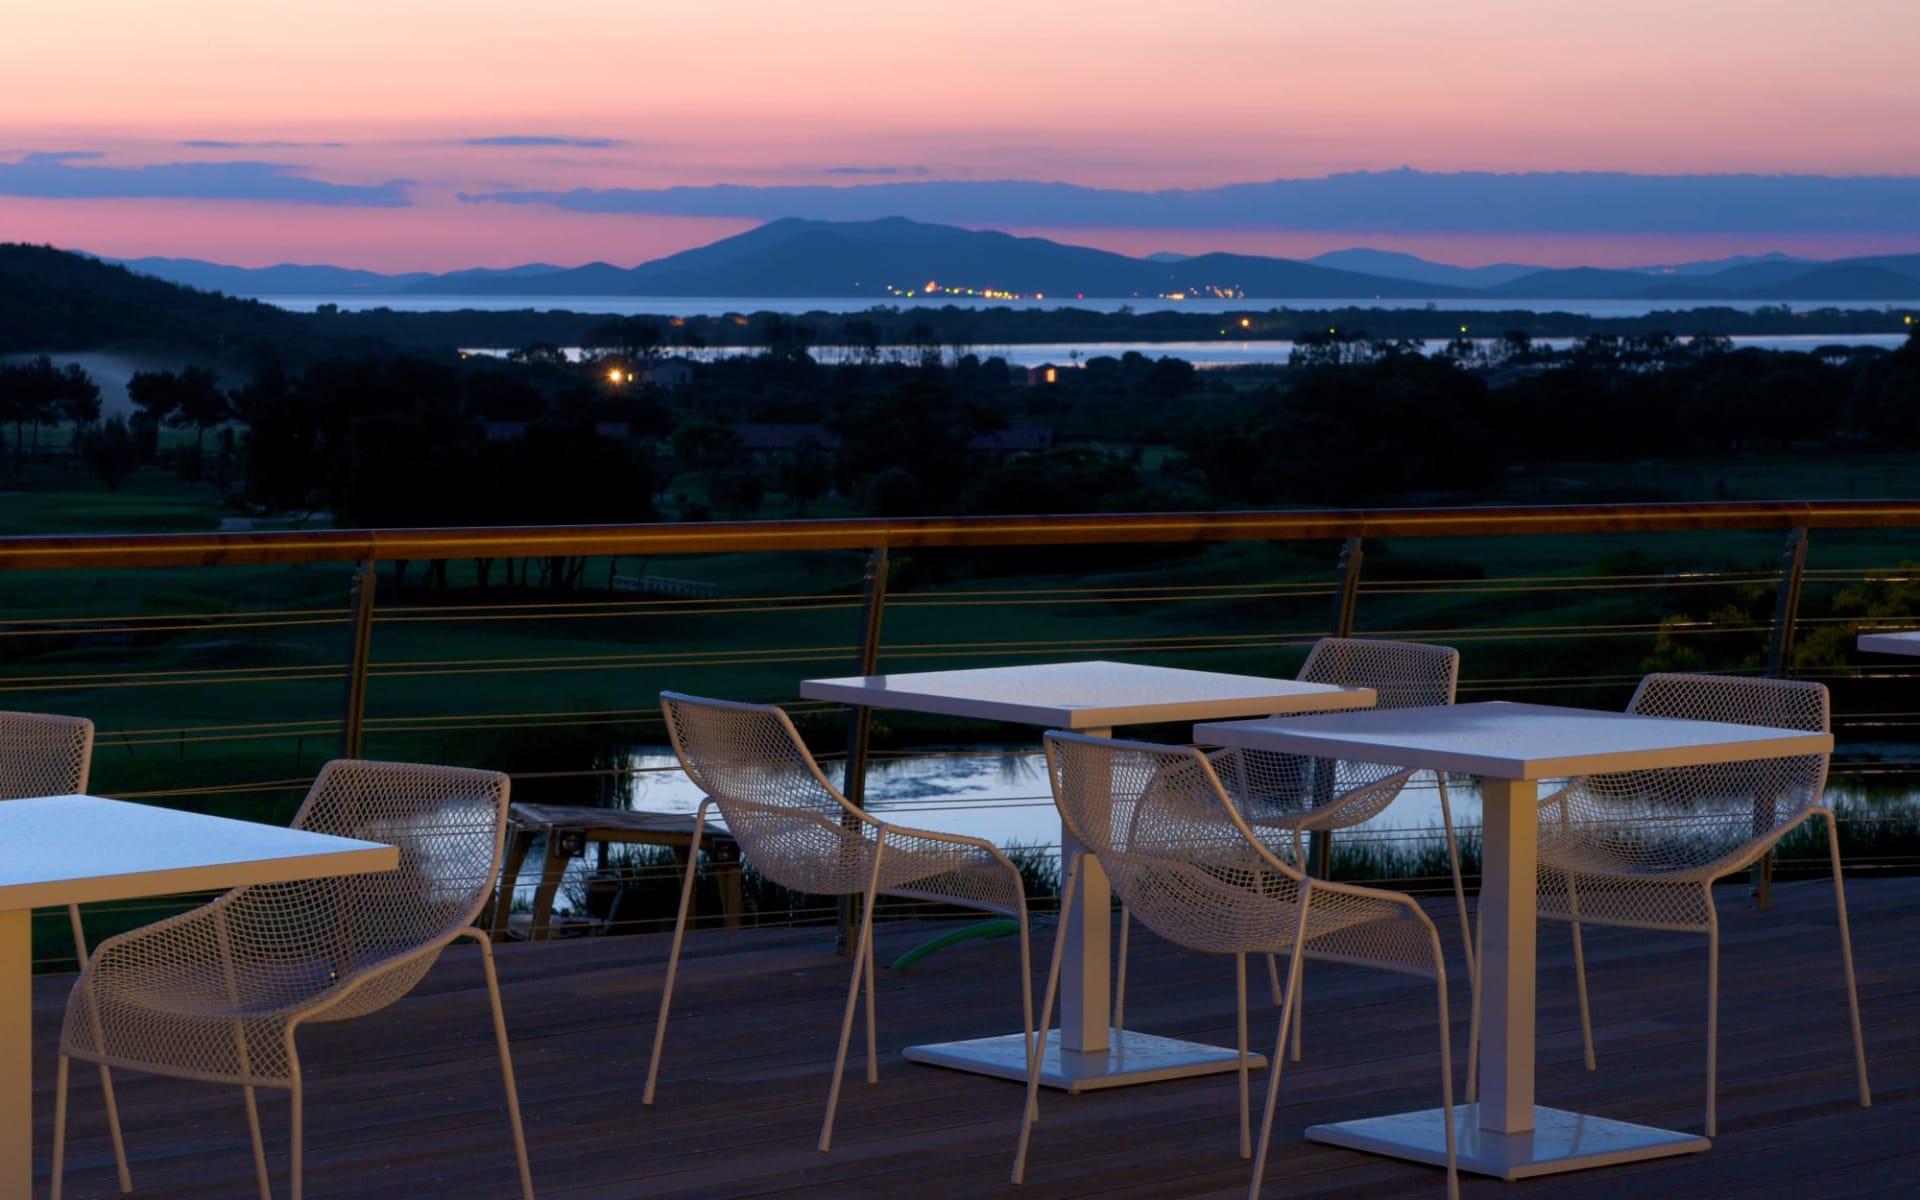 Argentario Golf Resort & Spa in Massa Marittima: Argentario-Golf-Resort-&-Spa